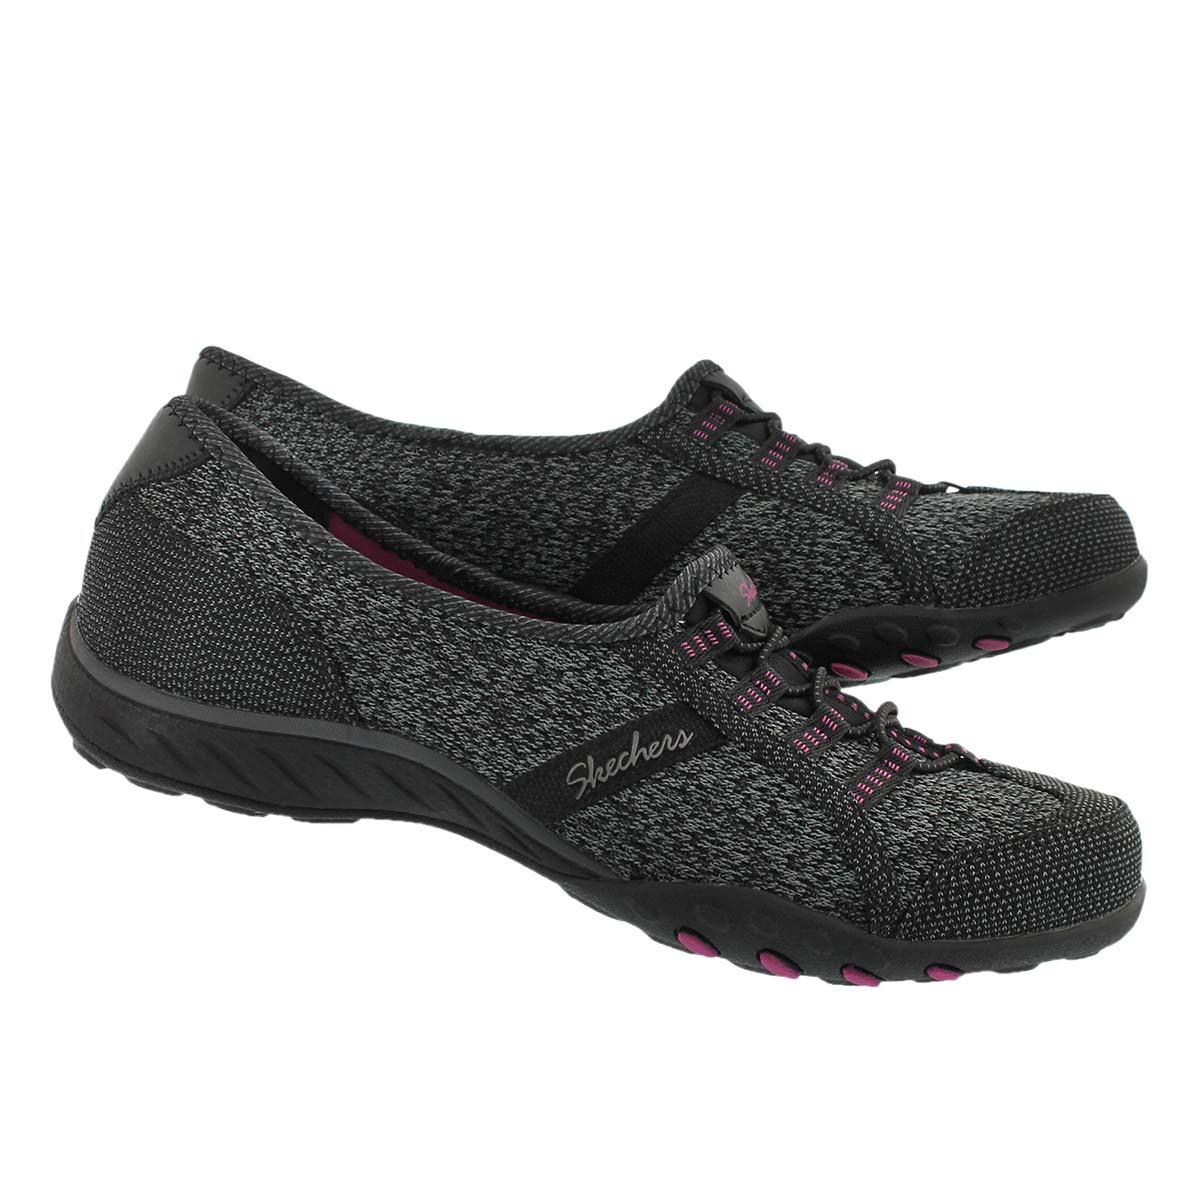 Lds Breathe-Easy blk/pnk slip on sneaker